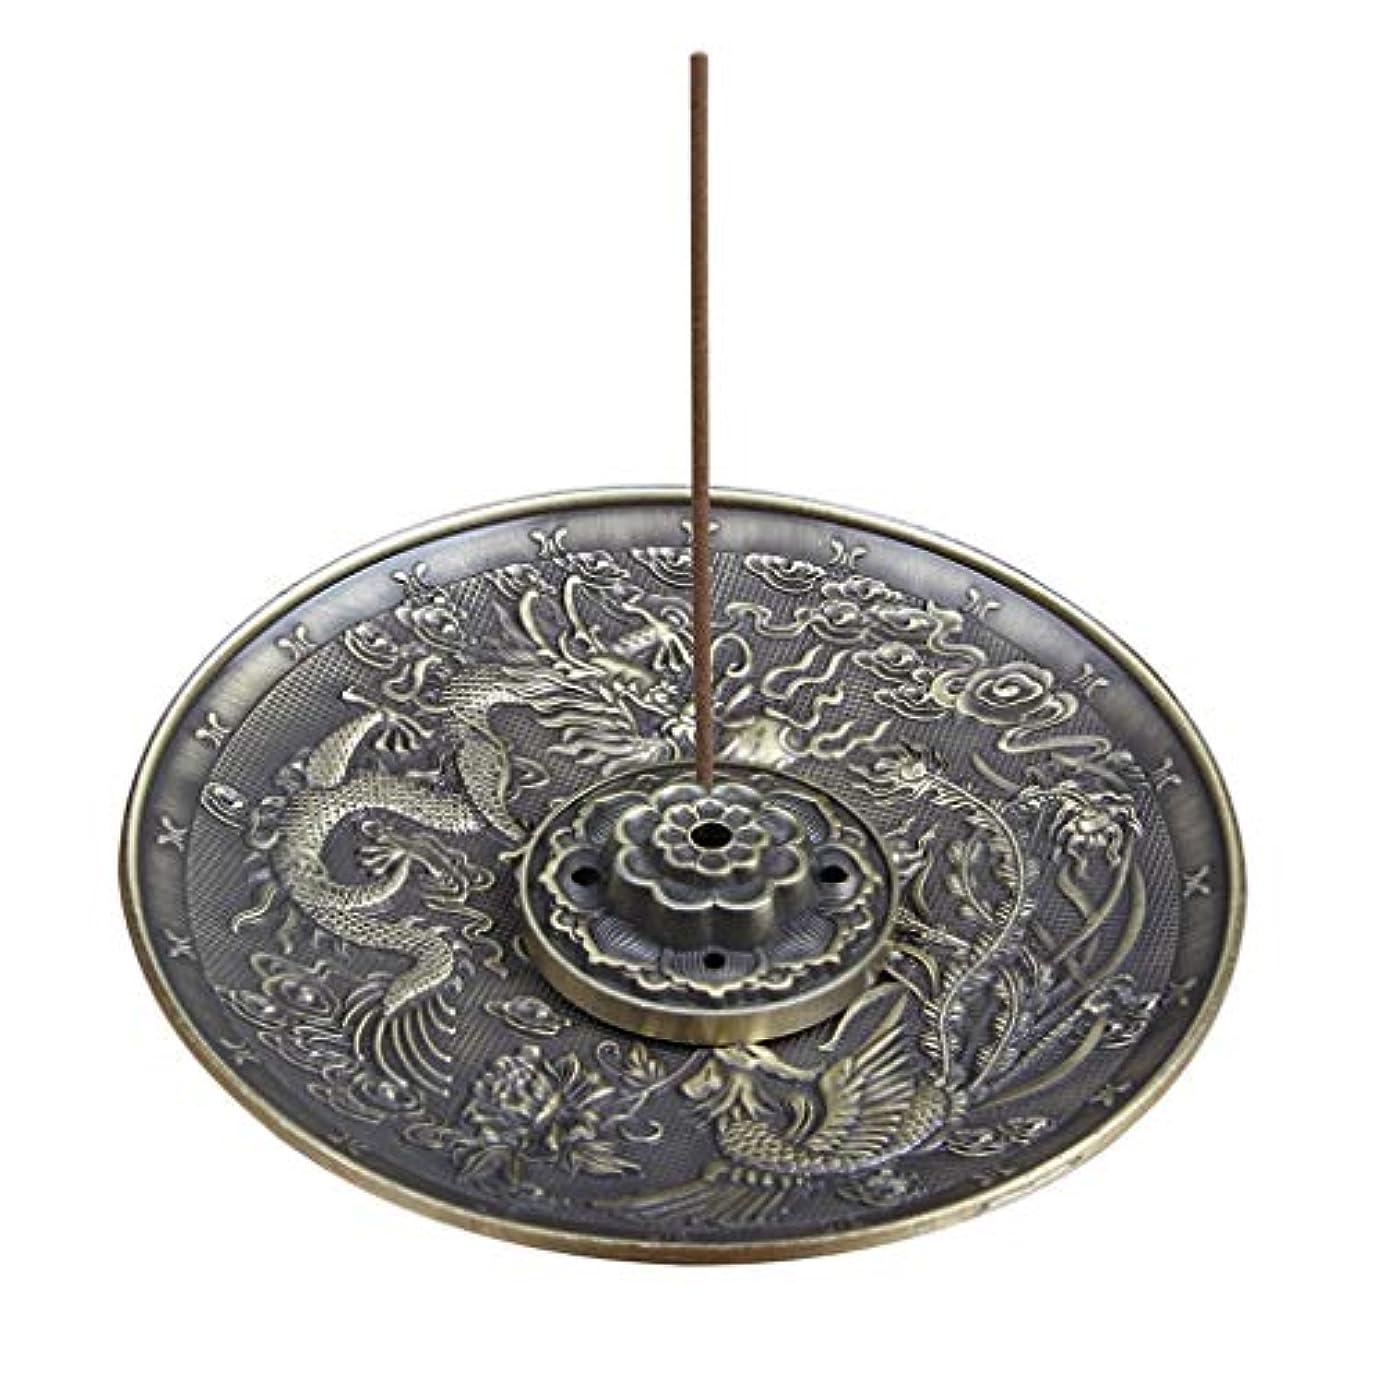 秀でる良さアンペア合金のお香ホルダーロータススティックお香バーナードラゴンとフェニックスコーンのお香ホルダーアッシュキャッチャー付き逆流5穴 (Color : Bronze, サイズ : 3.77*0.51inches)